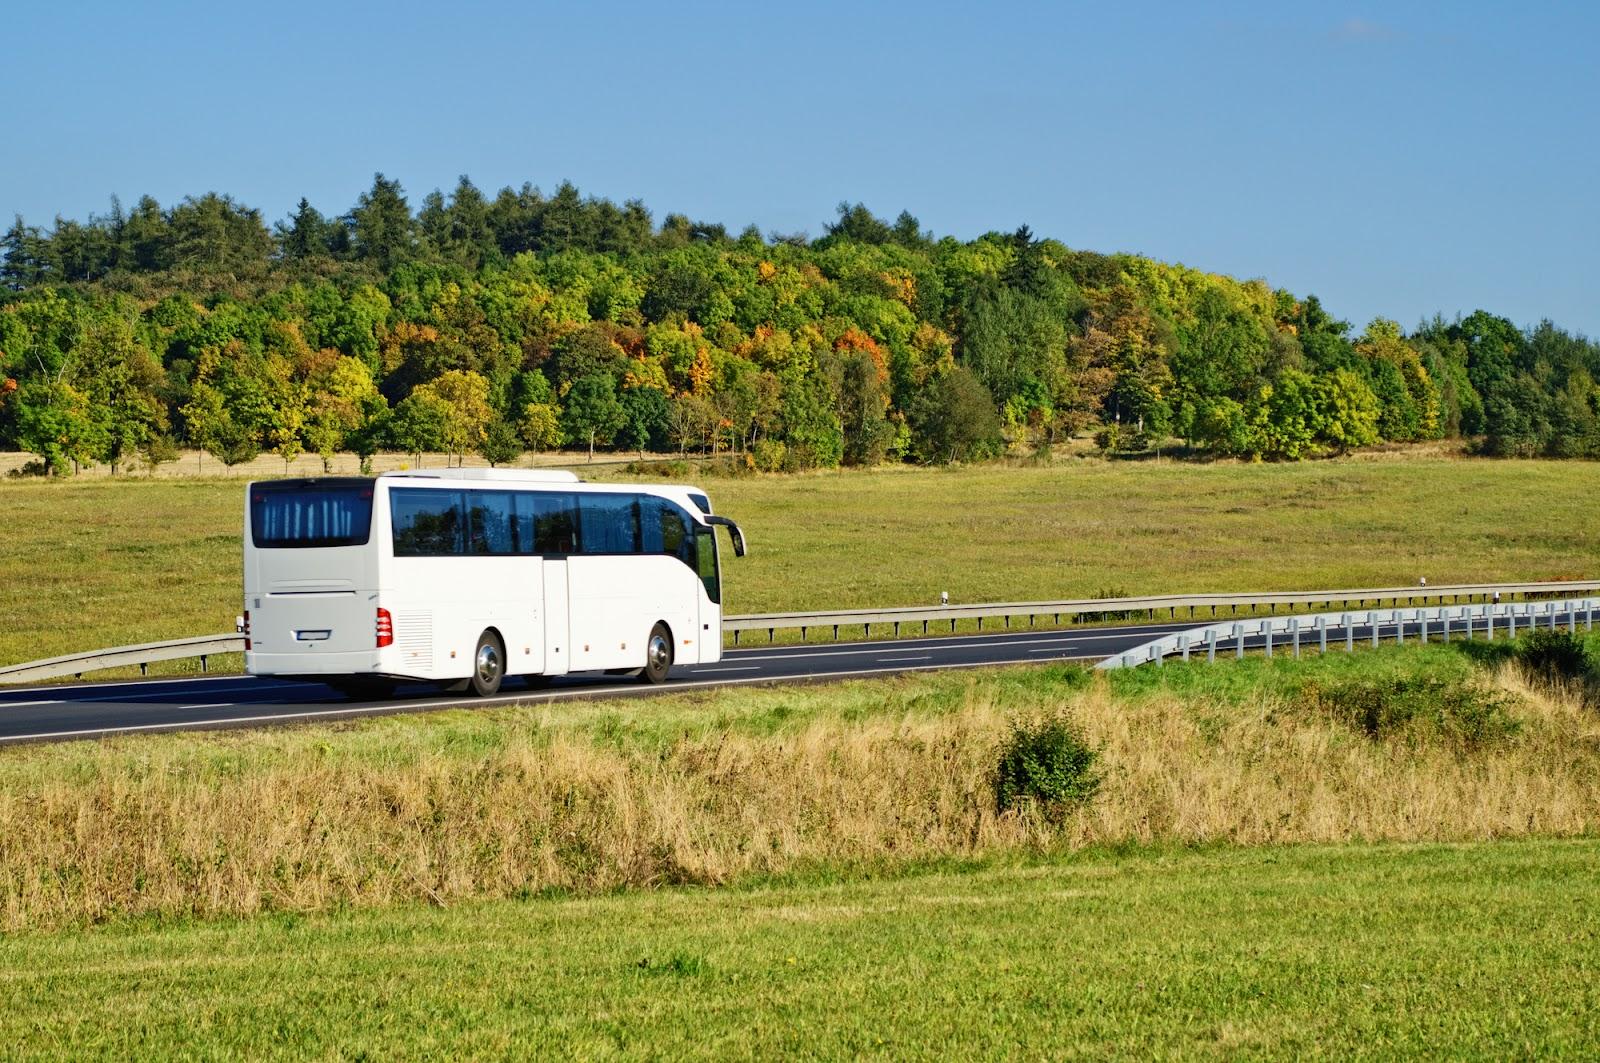 Как выбрать комфортабельный автобус Львов-Харьков?